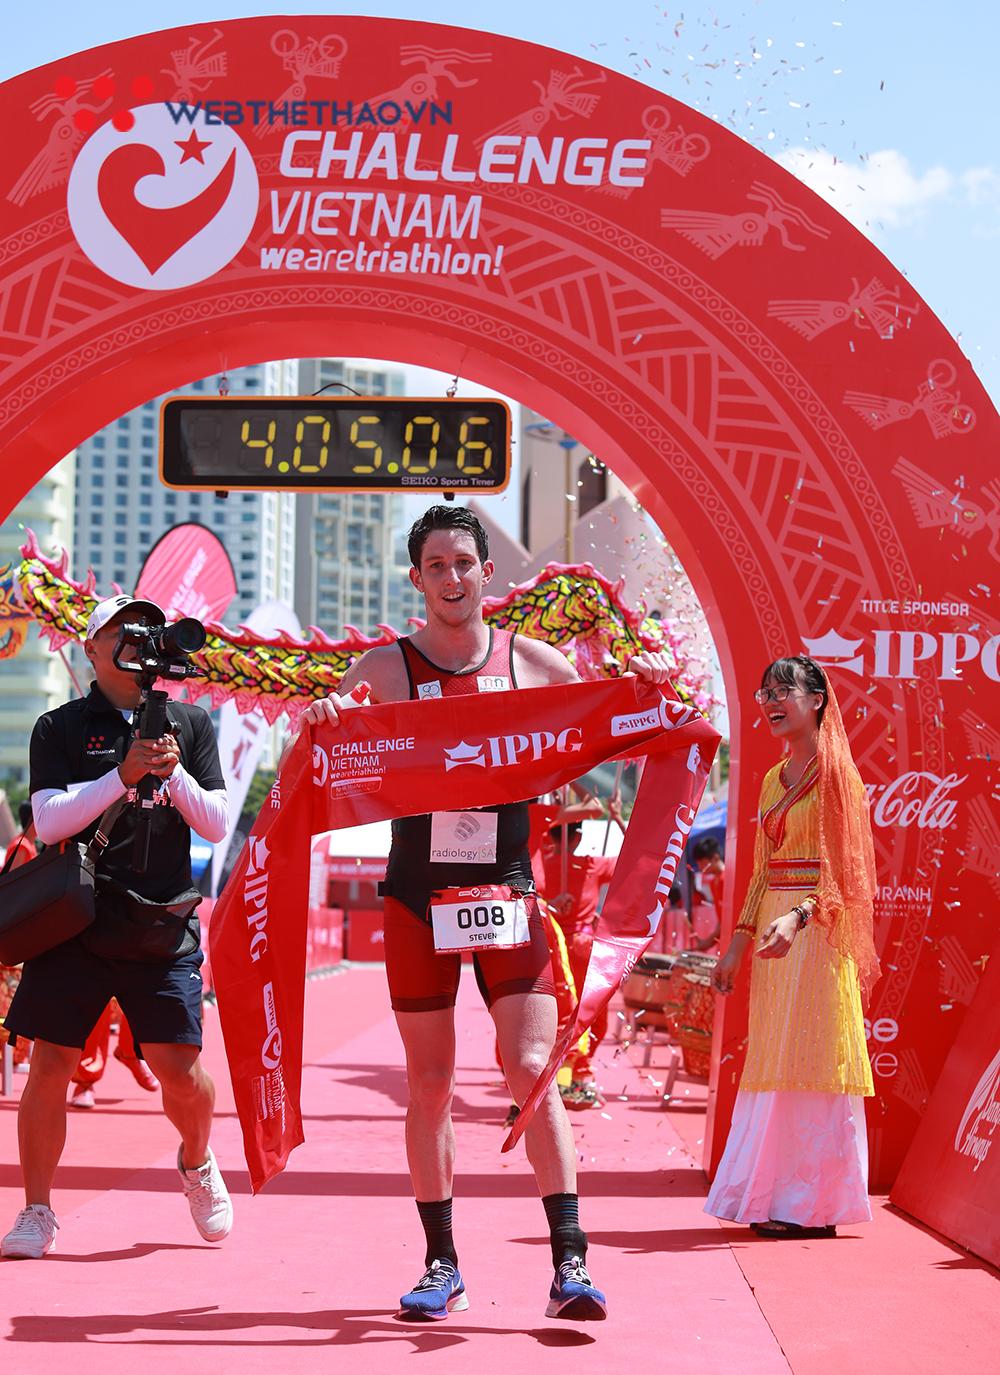 Sao Australia chiếm ưu thế Challenge Vietnam 2019, Hùng Hải - Tố Phương giành suất đến Đài Loan